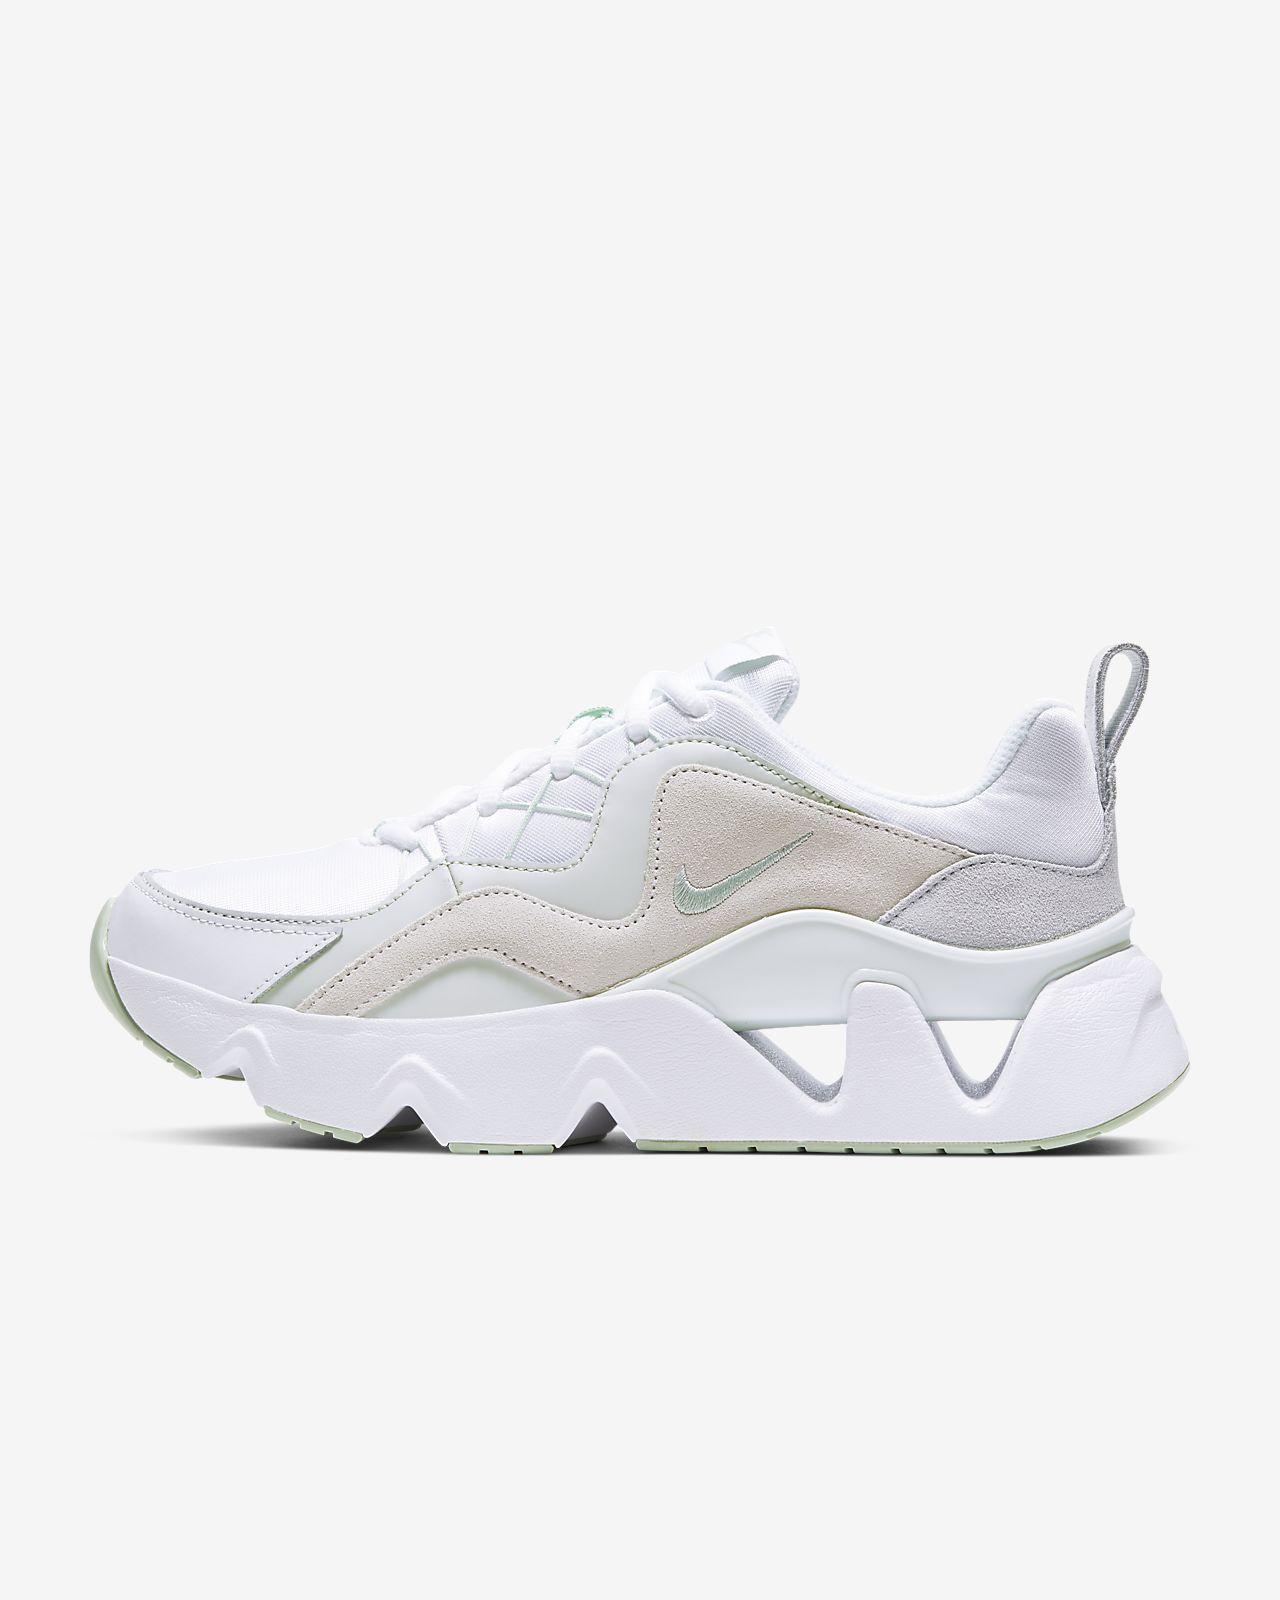 Sko Nike RYZ 365 för kvinnor